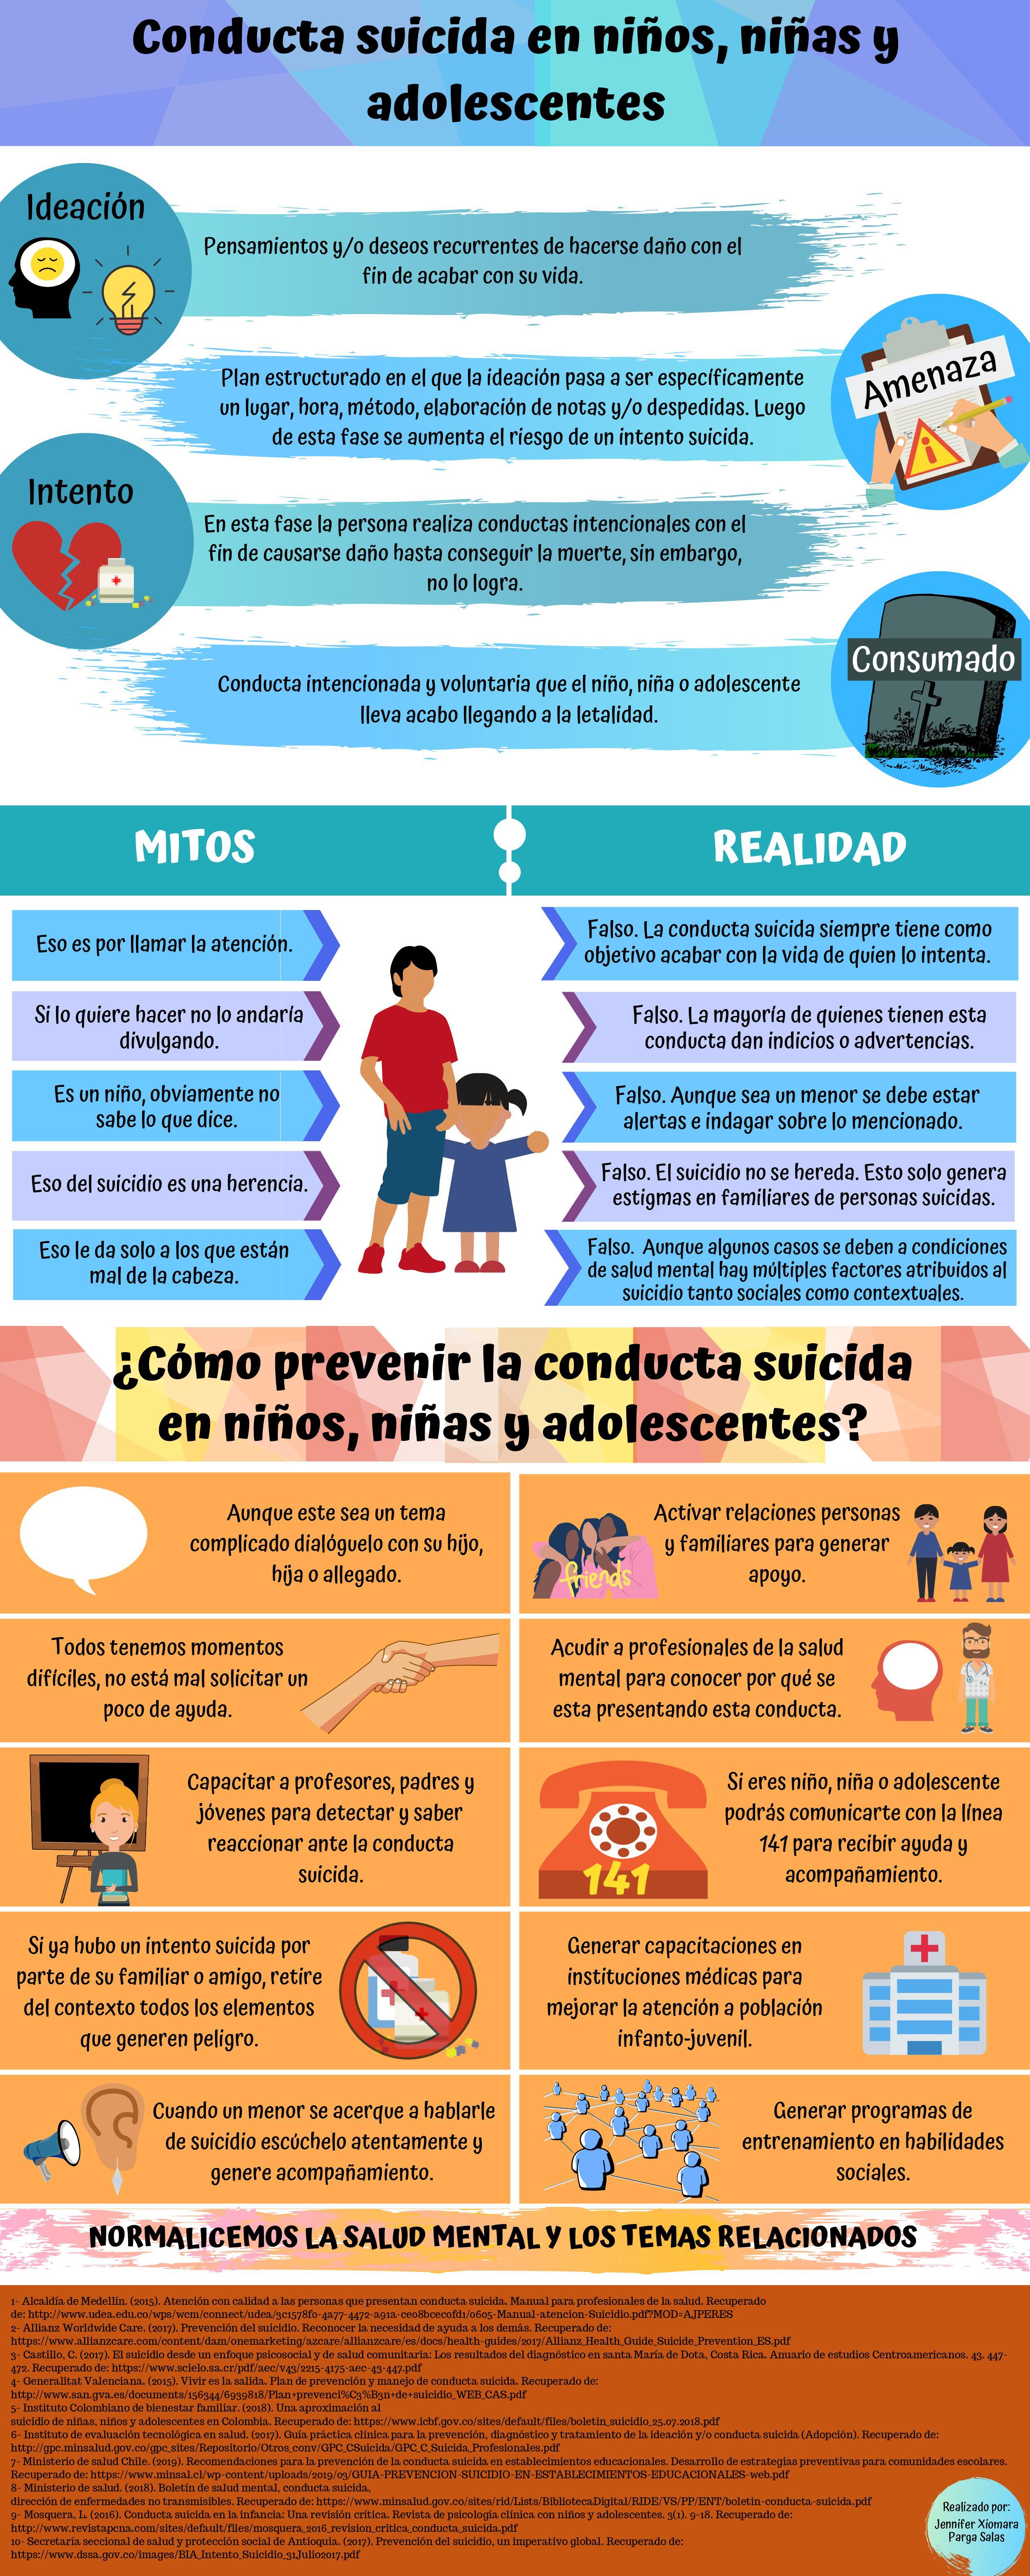 Conducta Suicida en Niños, Niñas y Adolescentes.